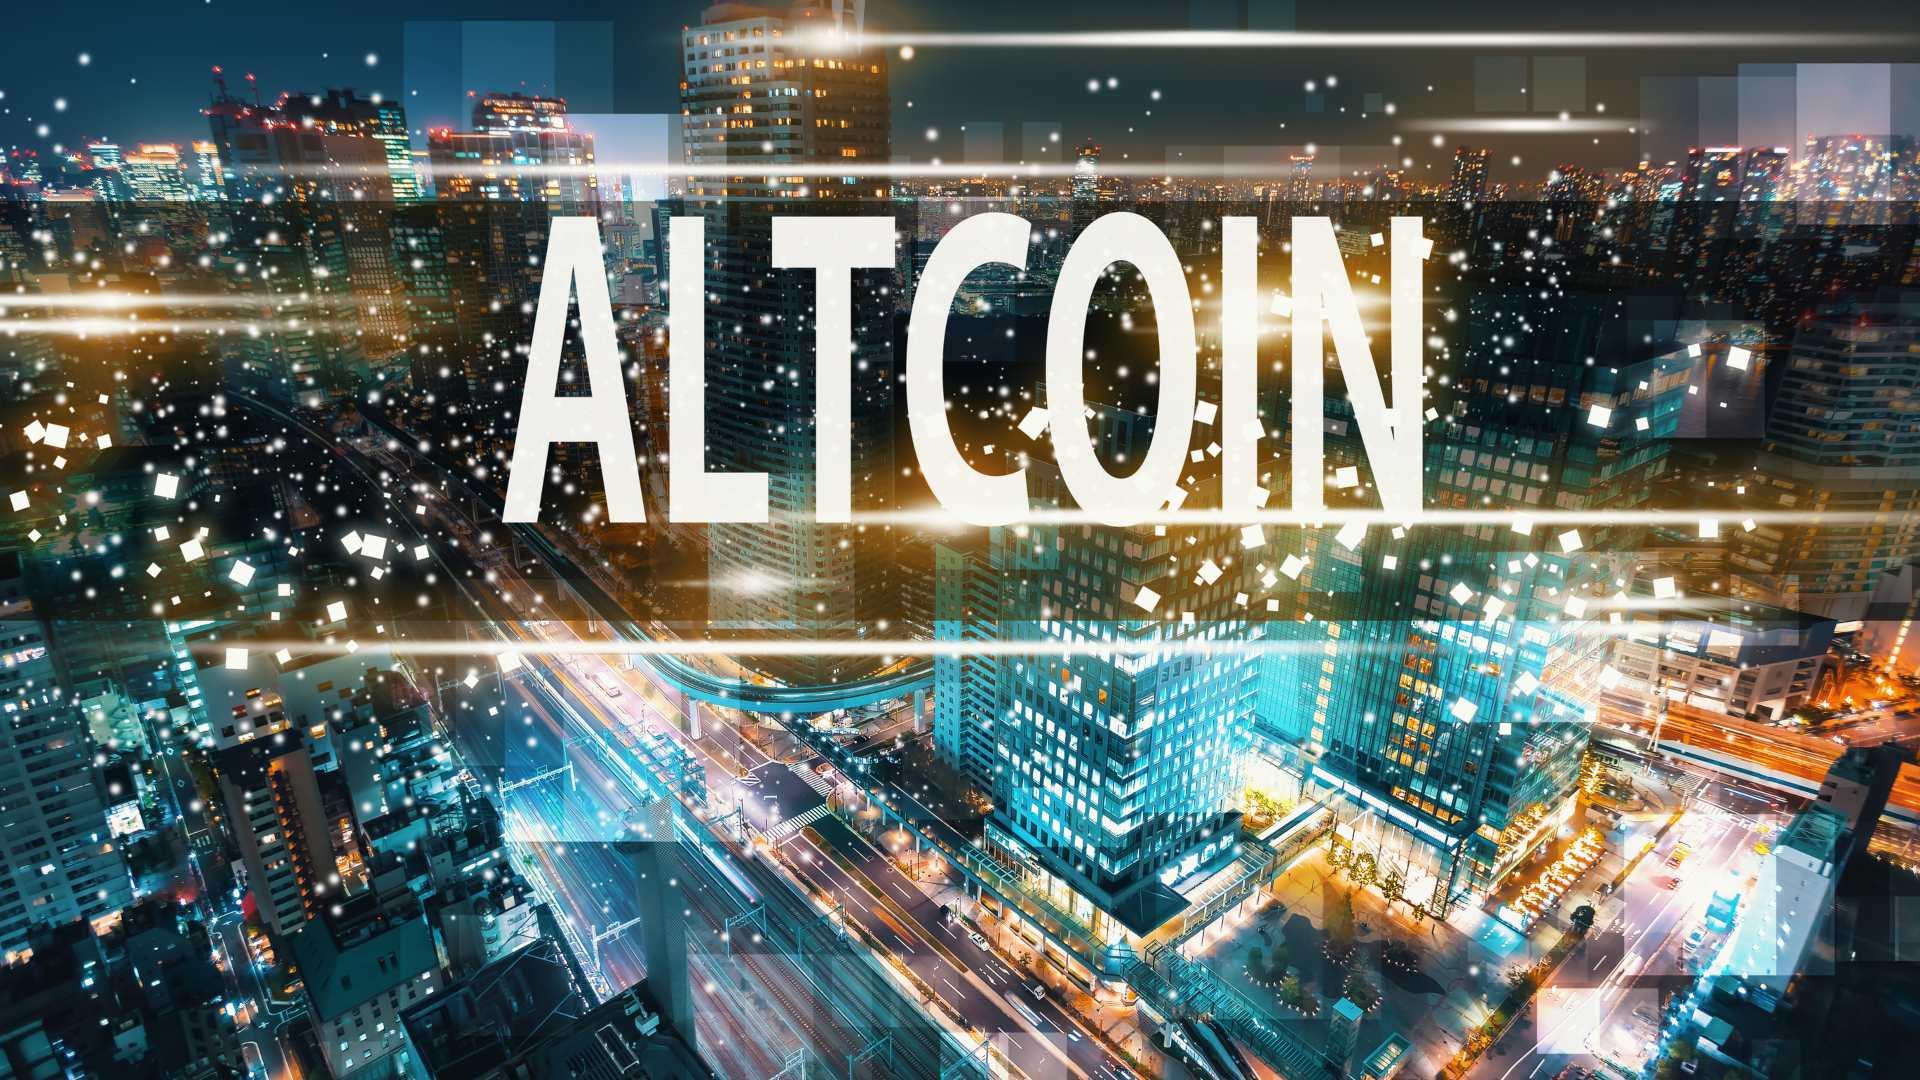 altcoin season 1